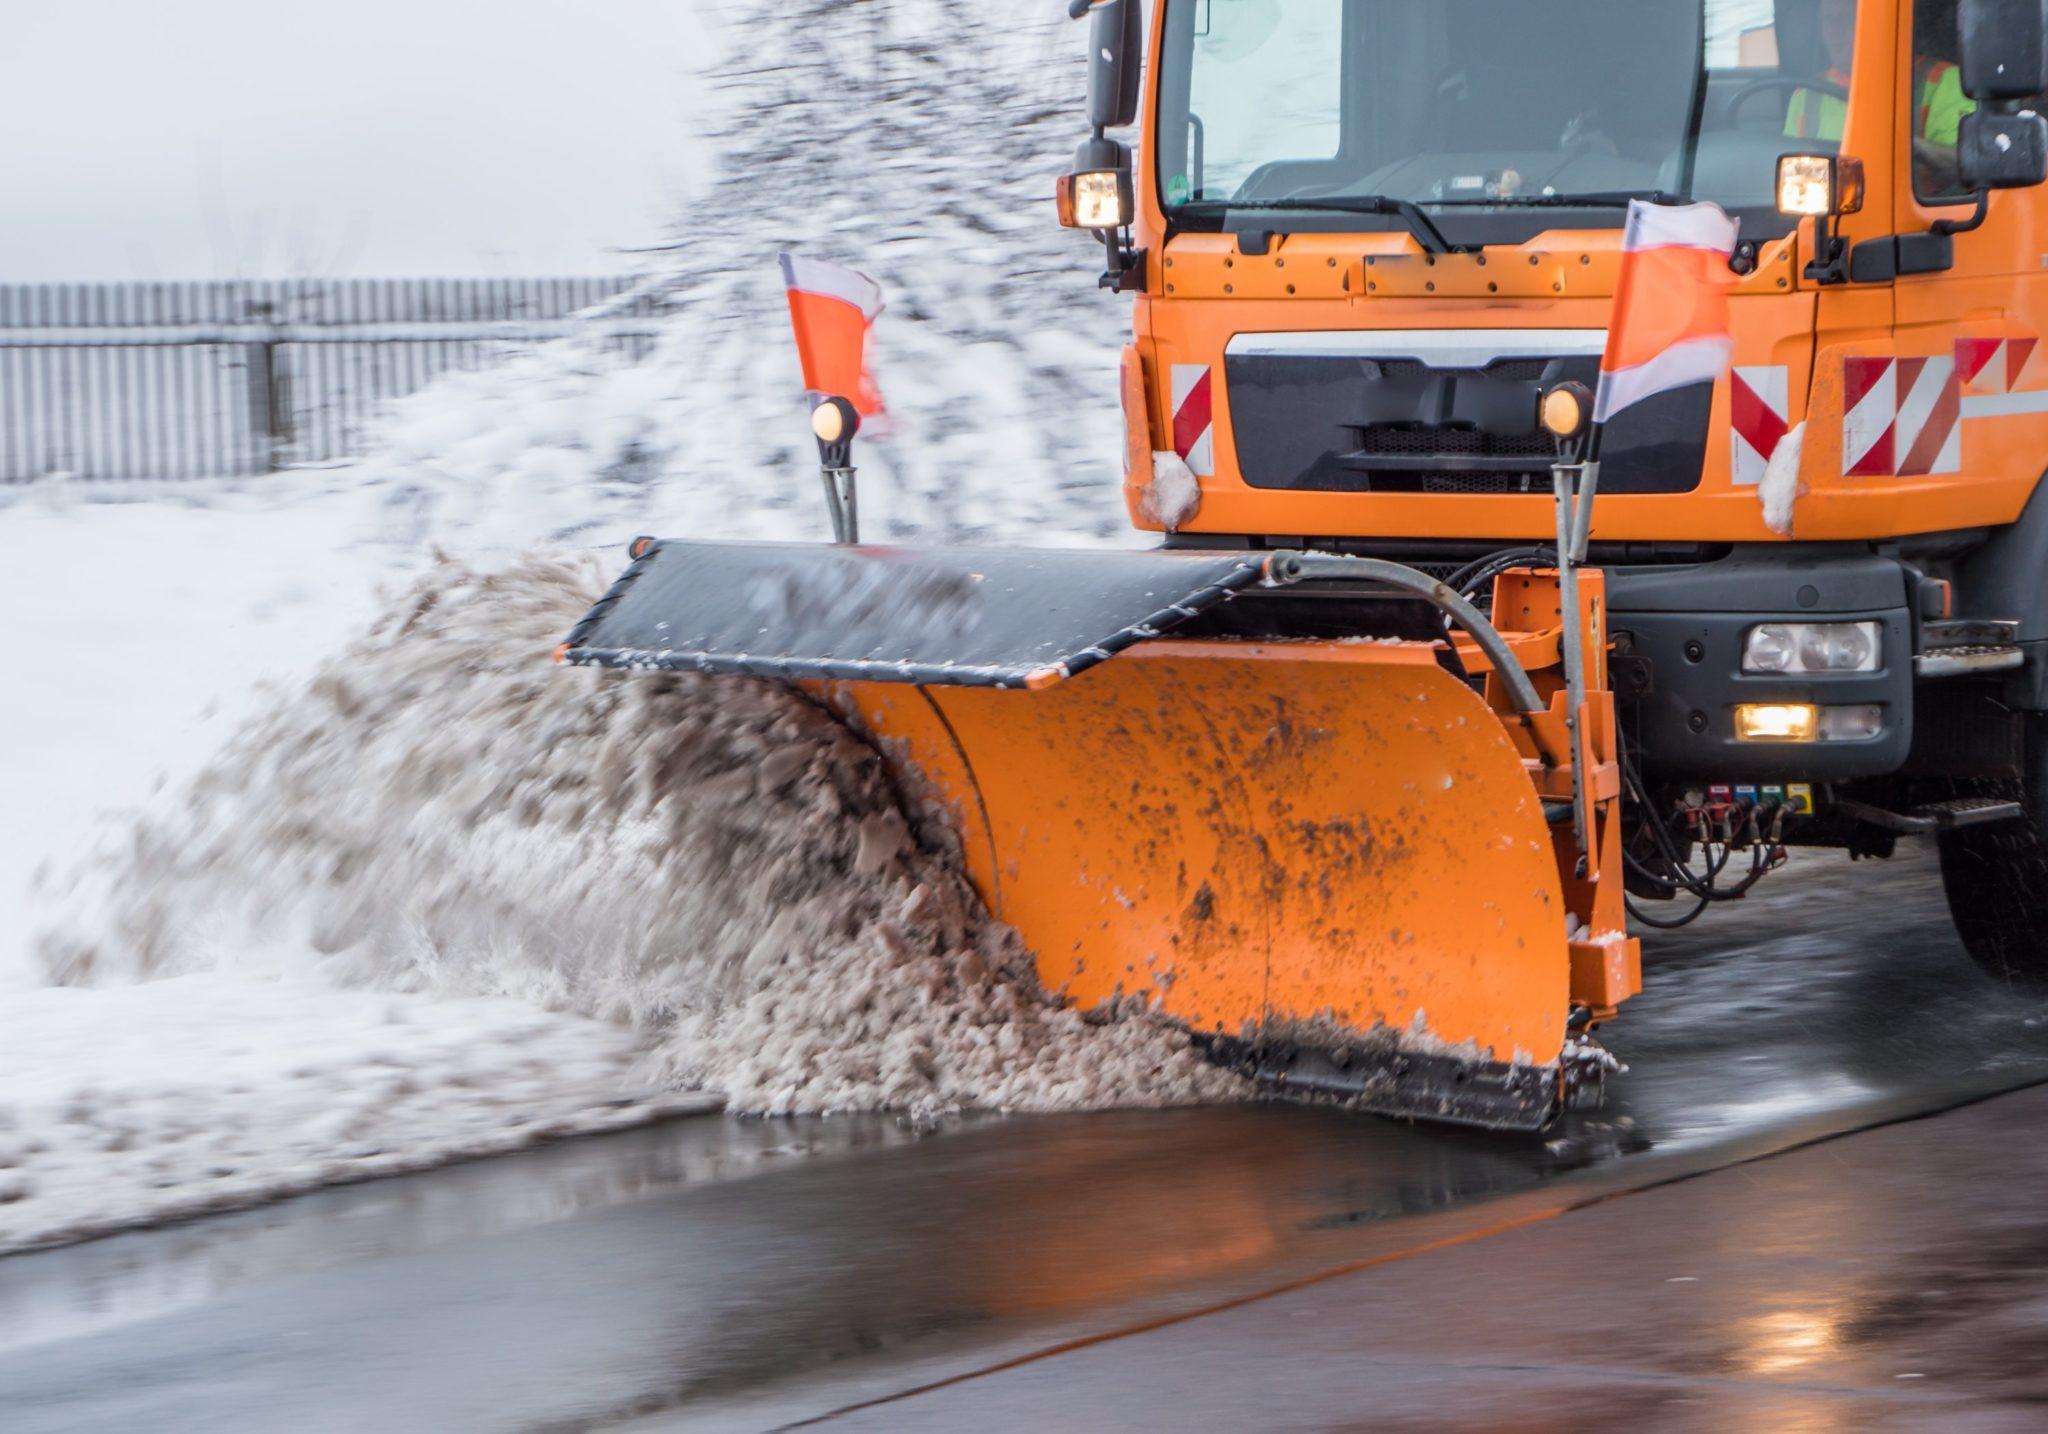 Snowplow. Photograph via iStock.